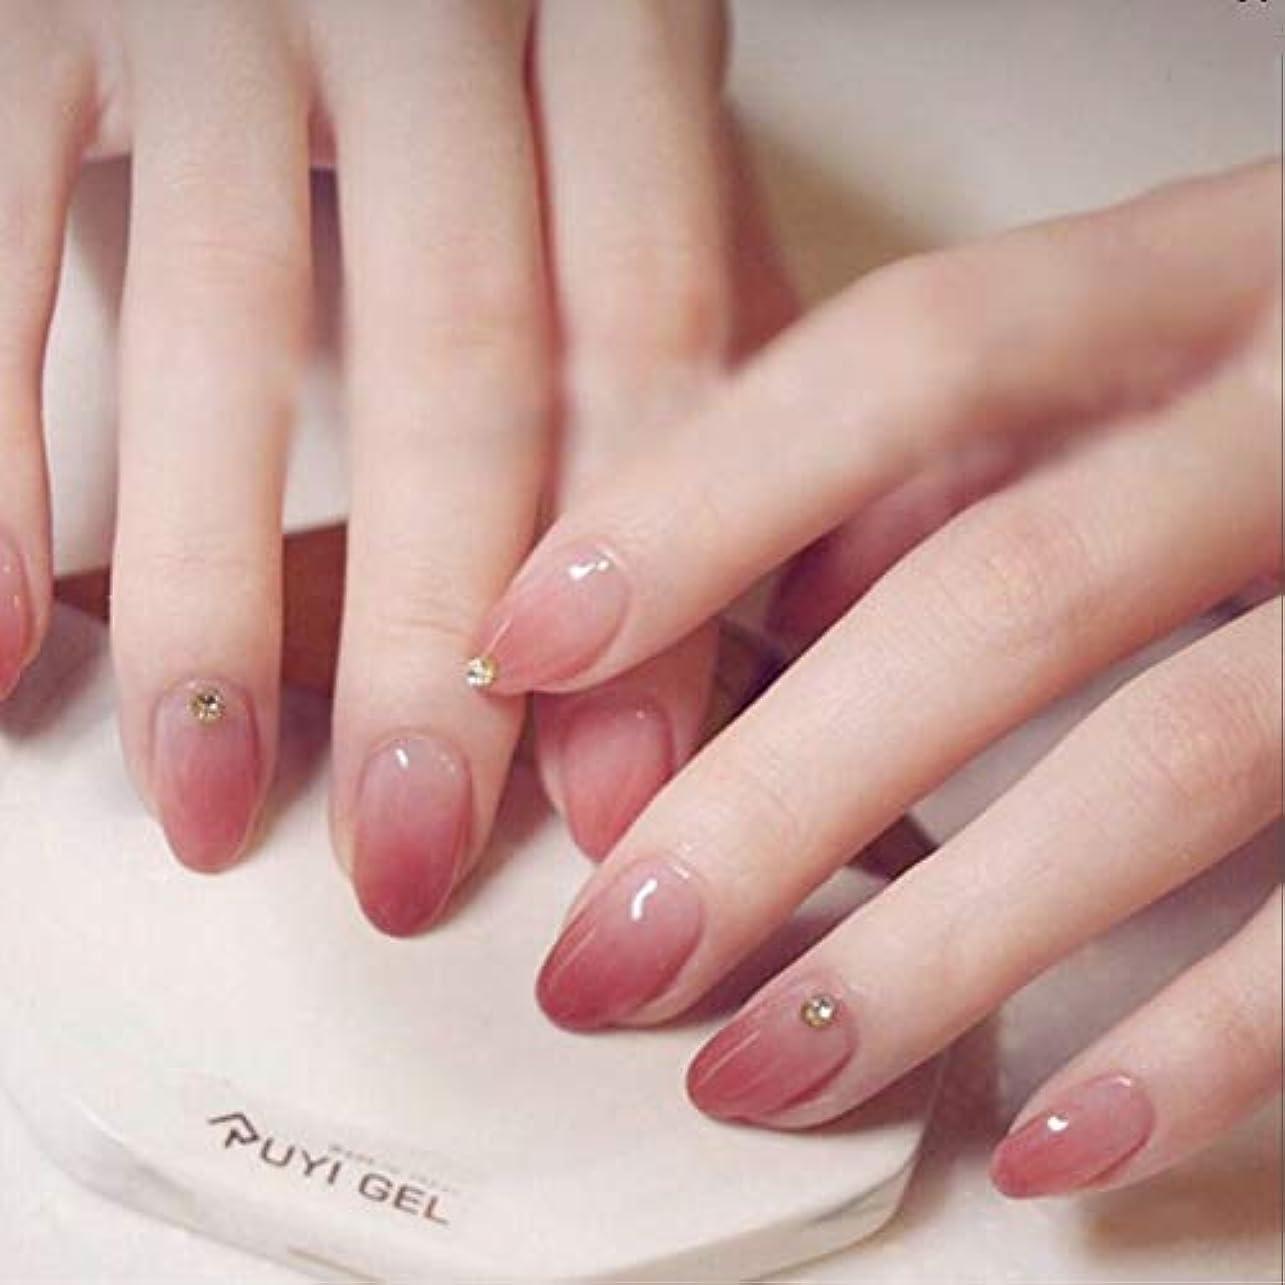 製造すでにつかの間XUTXZKA 24ピース偽爪フルカバー人工レッドチェリー偽爪プレスの爪のヒント短いネイルアートステッカー